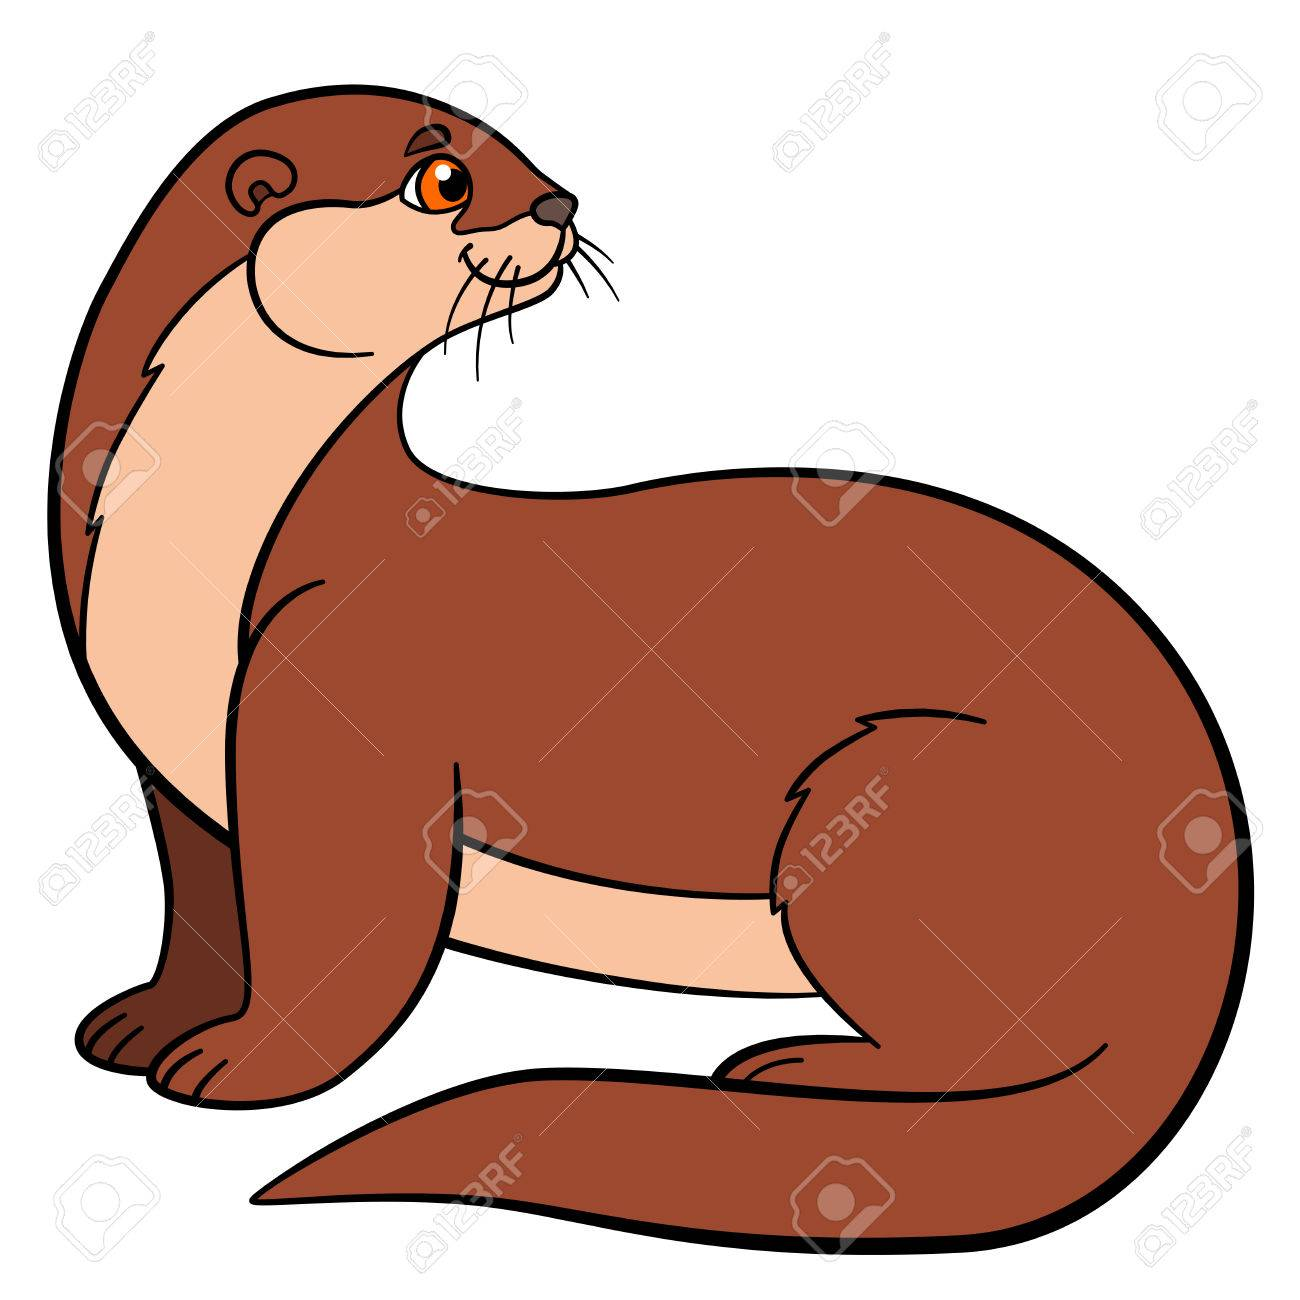 Animales De Dibujos Animados. Poco Nutria Linda Se Sienta Y Sonríe ...